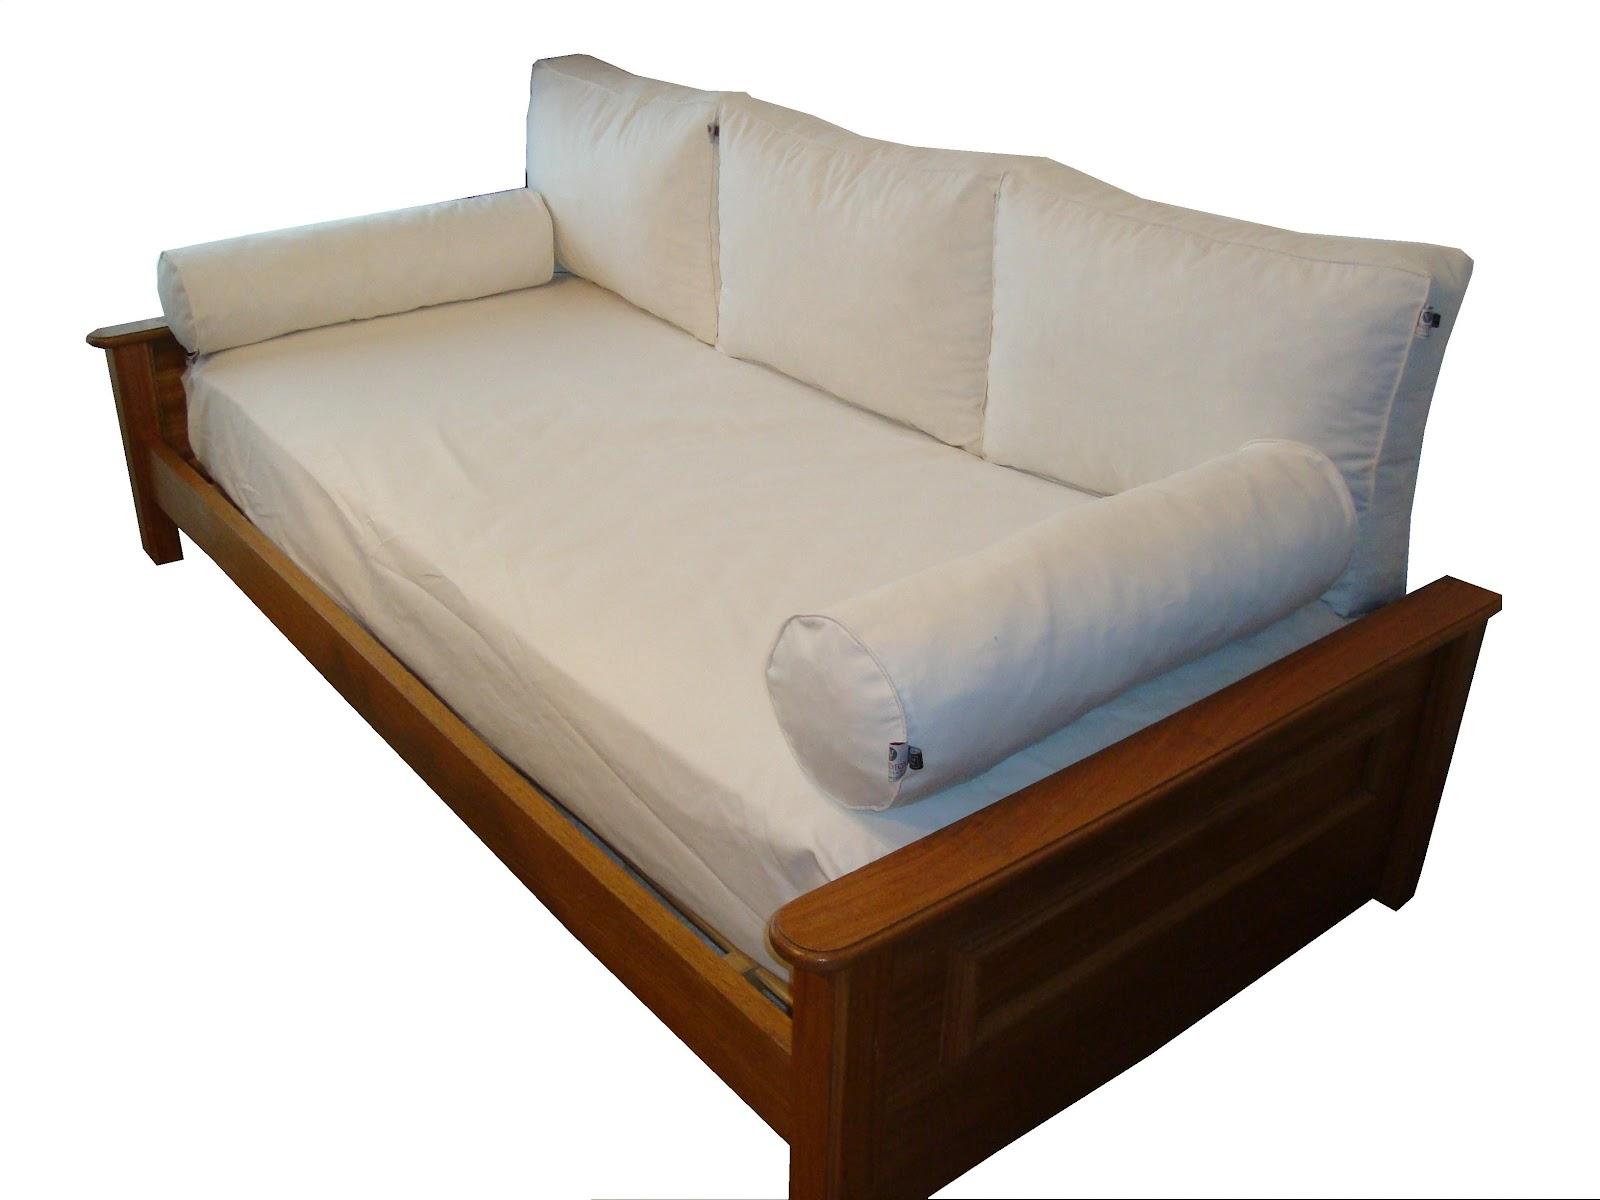 V ndeco design kits de fundas y almohadones para - Como hacer una funda para un sofa ...